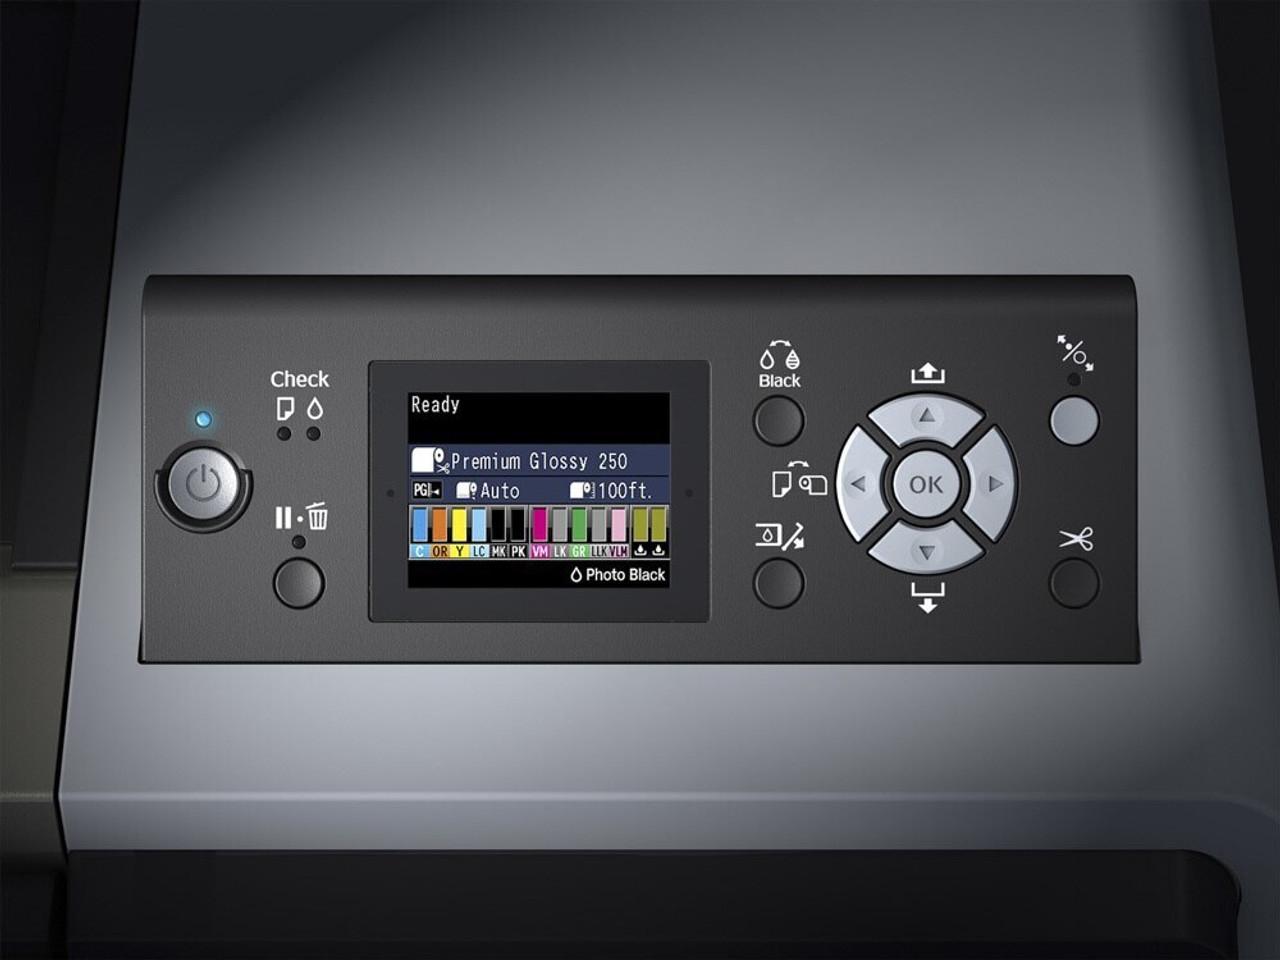 Epson SureColor P9000SE Control Panel